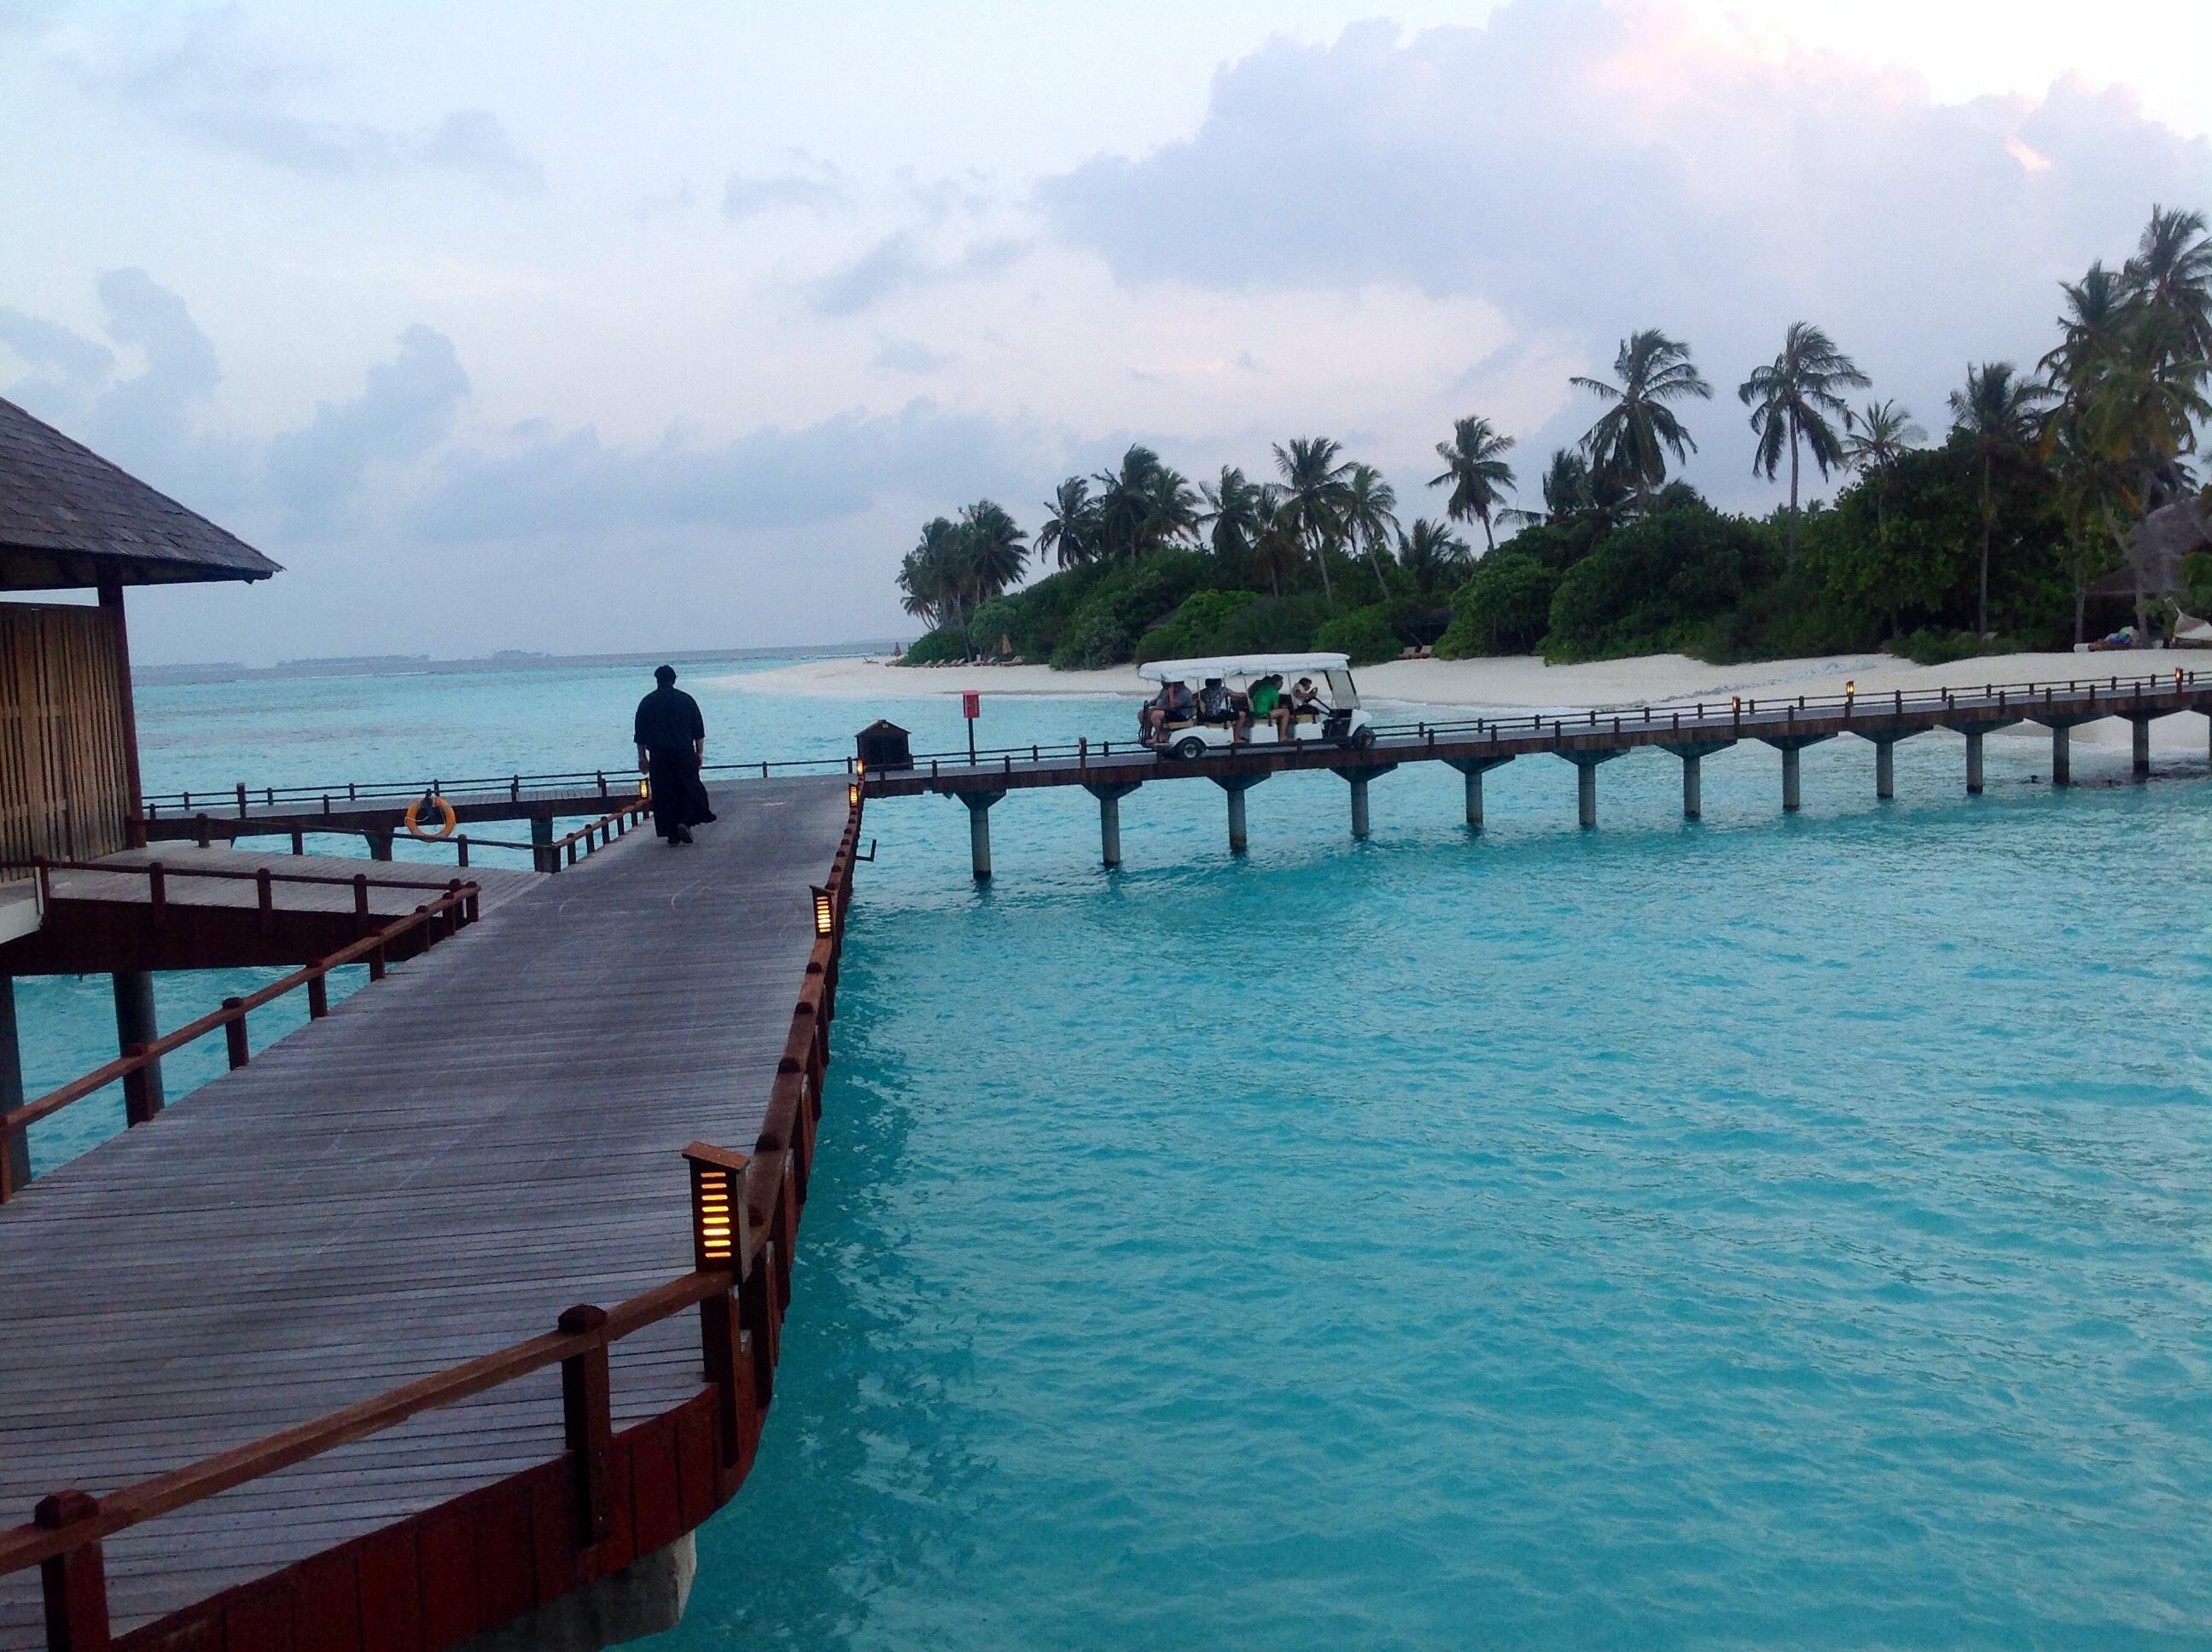 Au cœur du Noonu Atoll, à moins d'une heure d'hydravion de Malé, le resort dispose de 221 villas face à la mer, dont 70 sur pilotis - DR : JDL